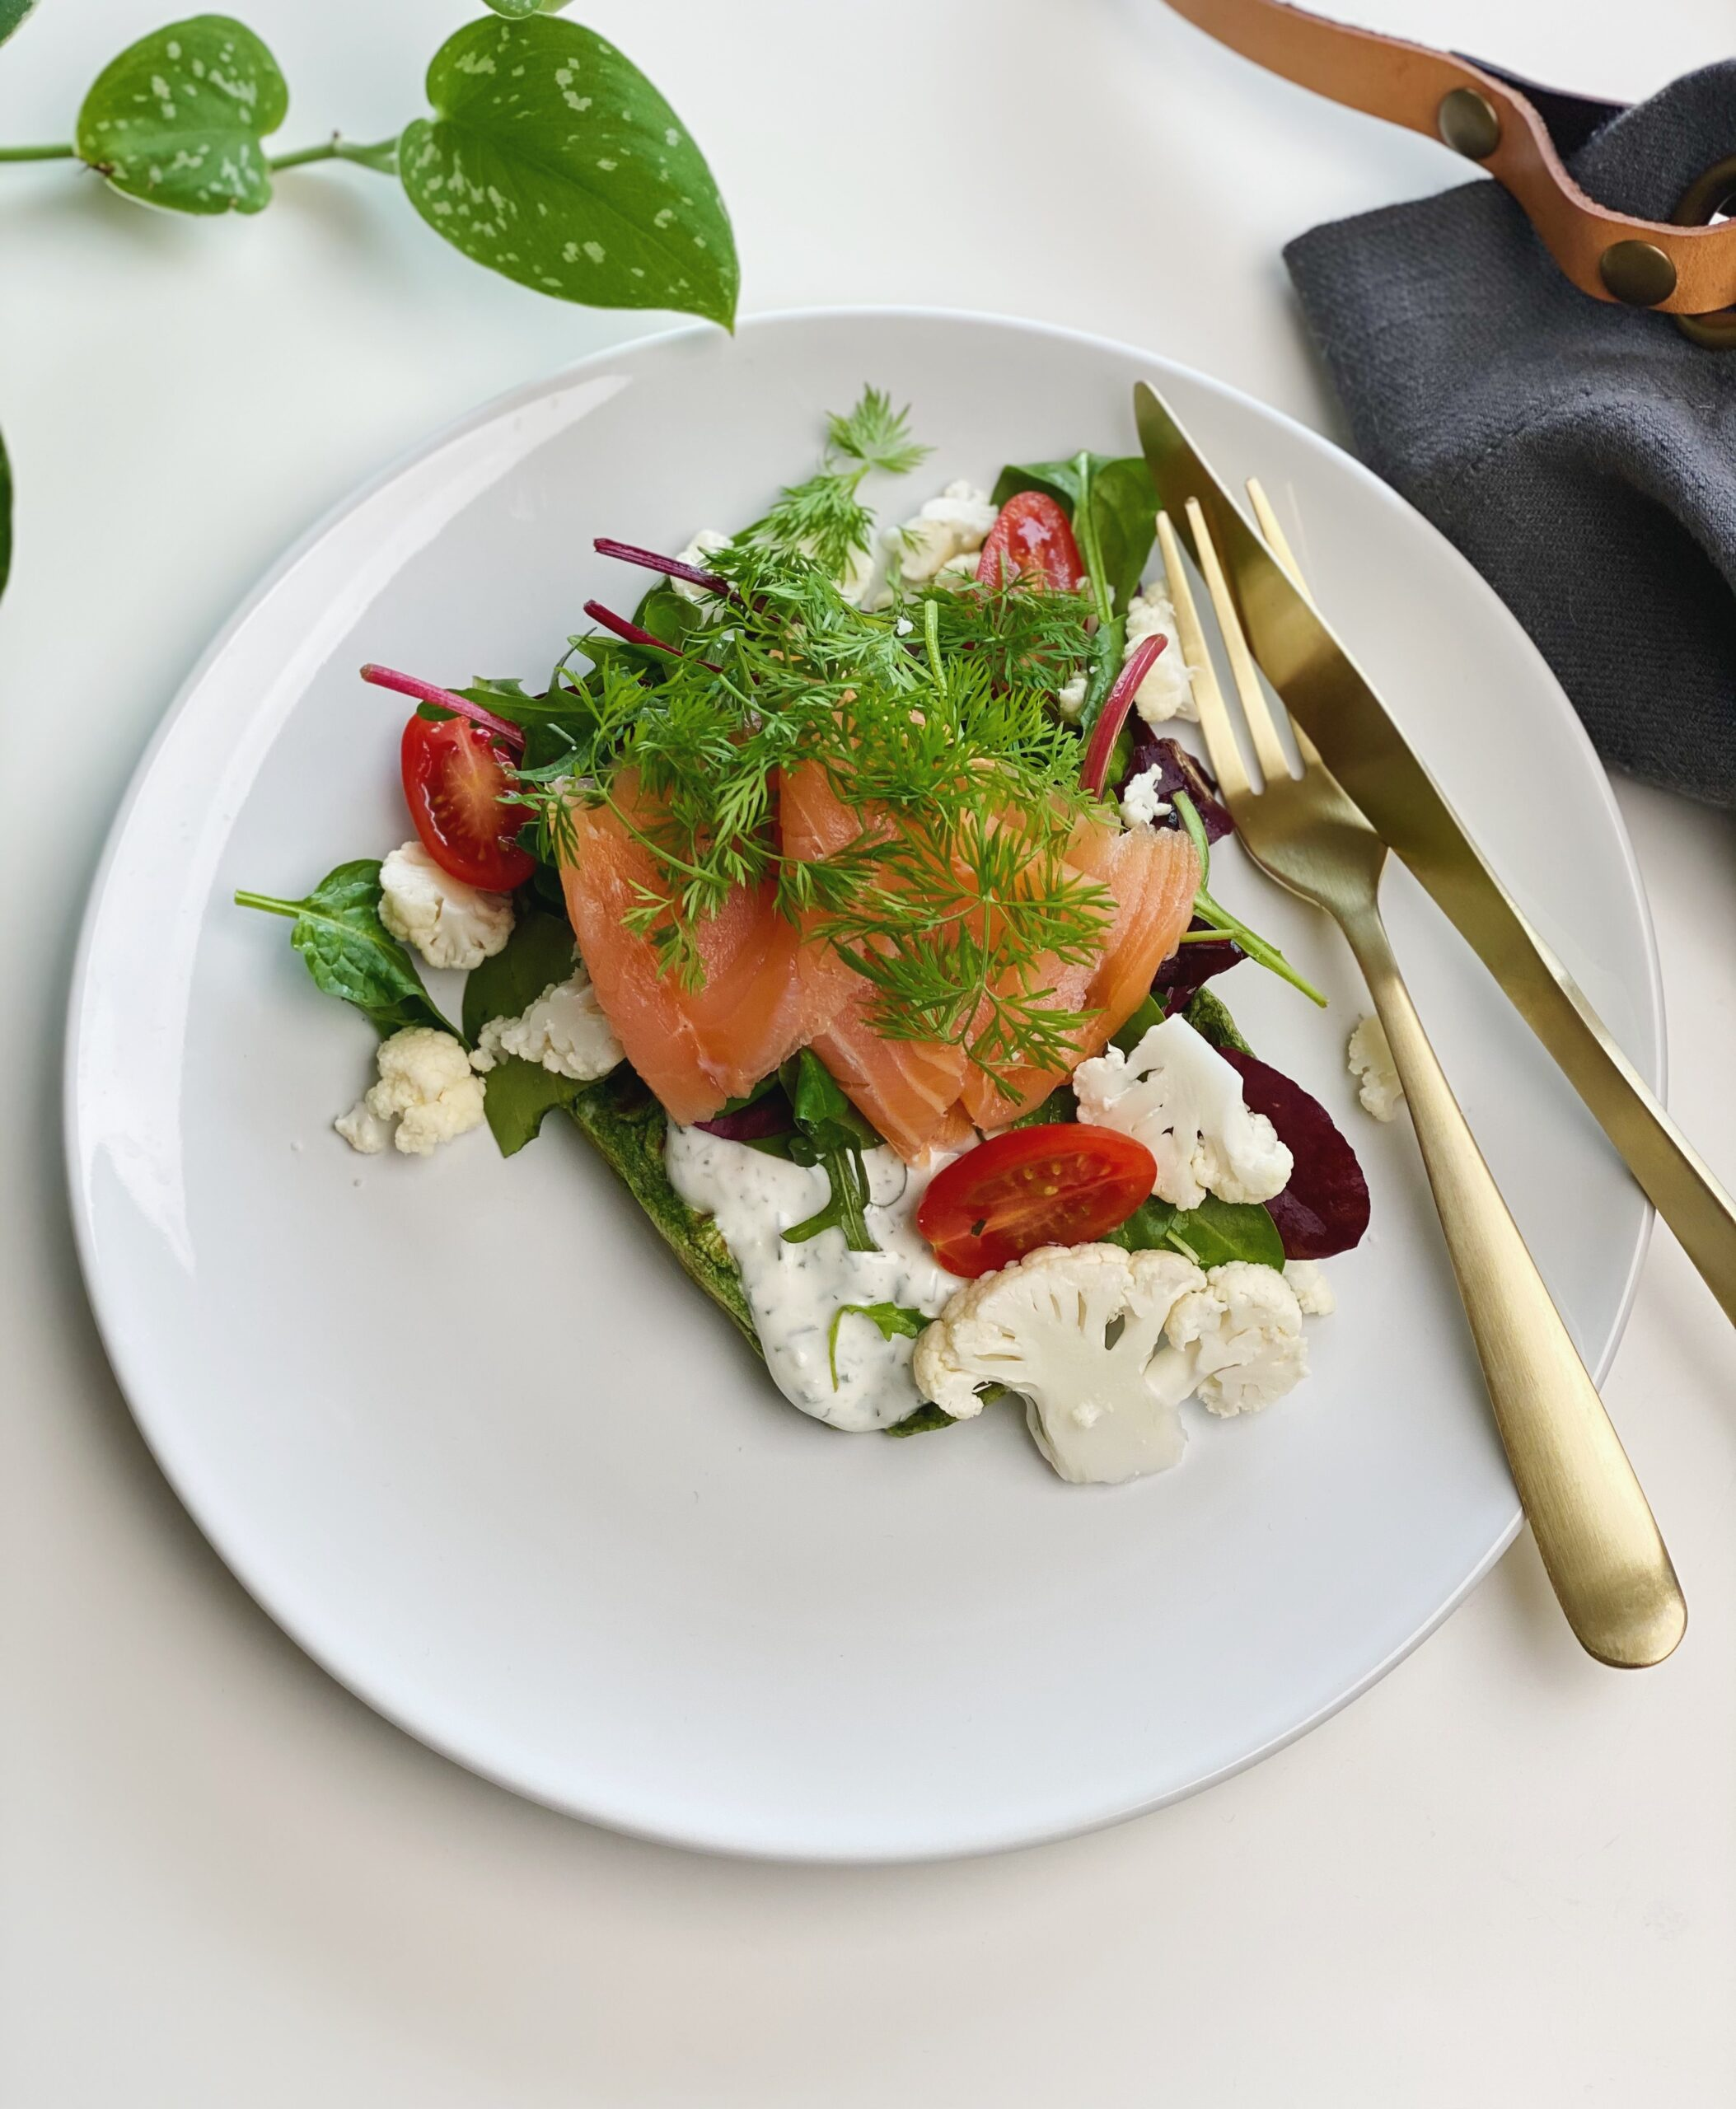 spinatvaffel med grønsager og laks